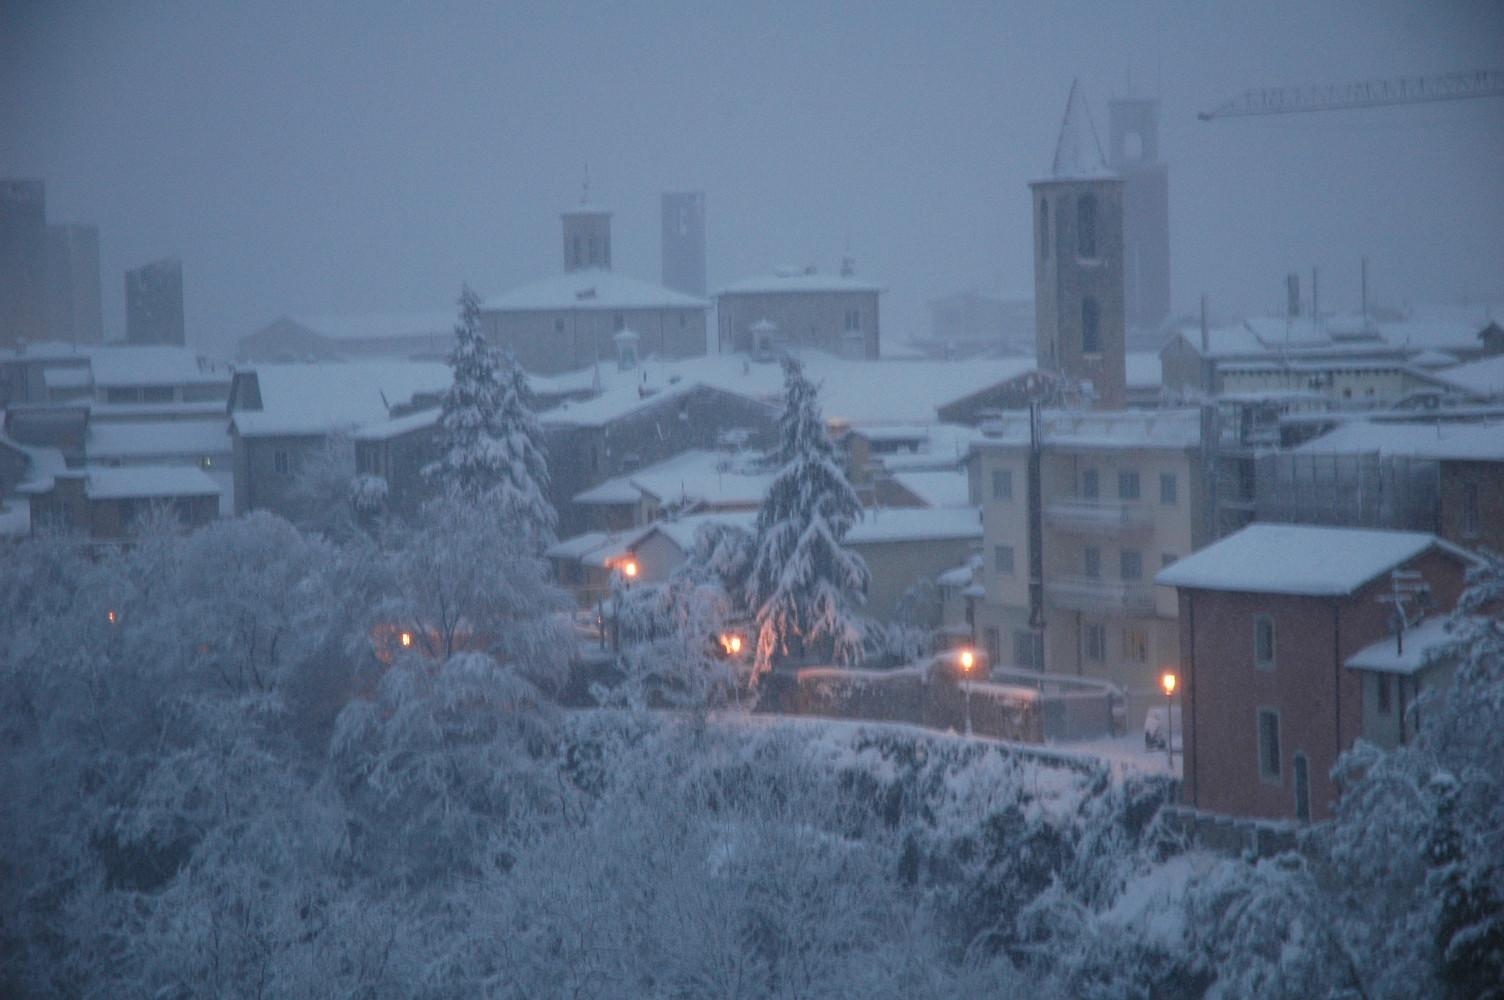 Neve sui tetti di Ascoli, 3 febbraio 2012, foto di Romoletto 3